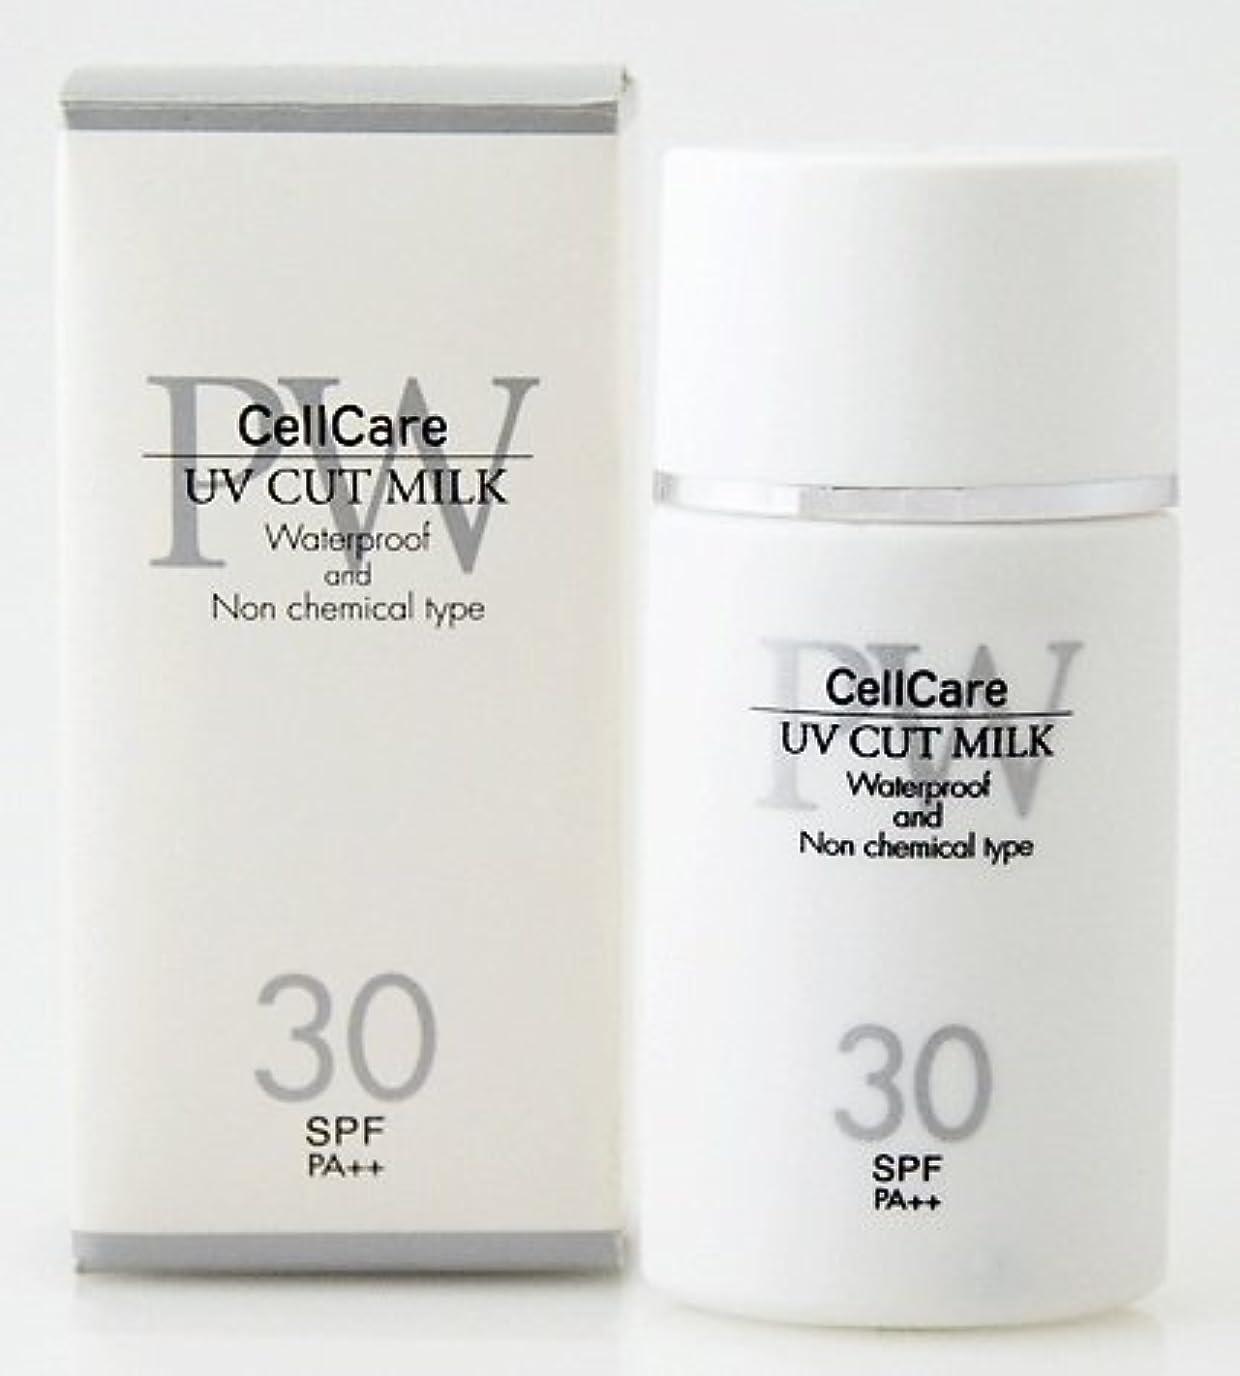 フェロー諸島戦う気分が悪いセルケア ピュアホワイト UVカットミルク 30g(日焼け止め乳液) SPF30 PA++ 保湿